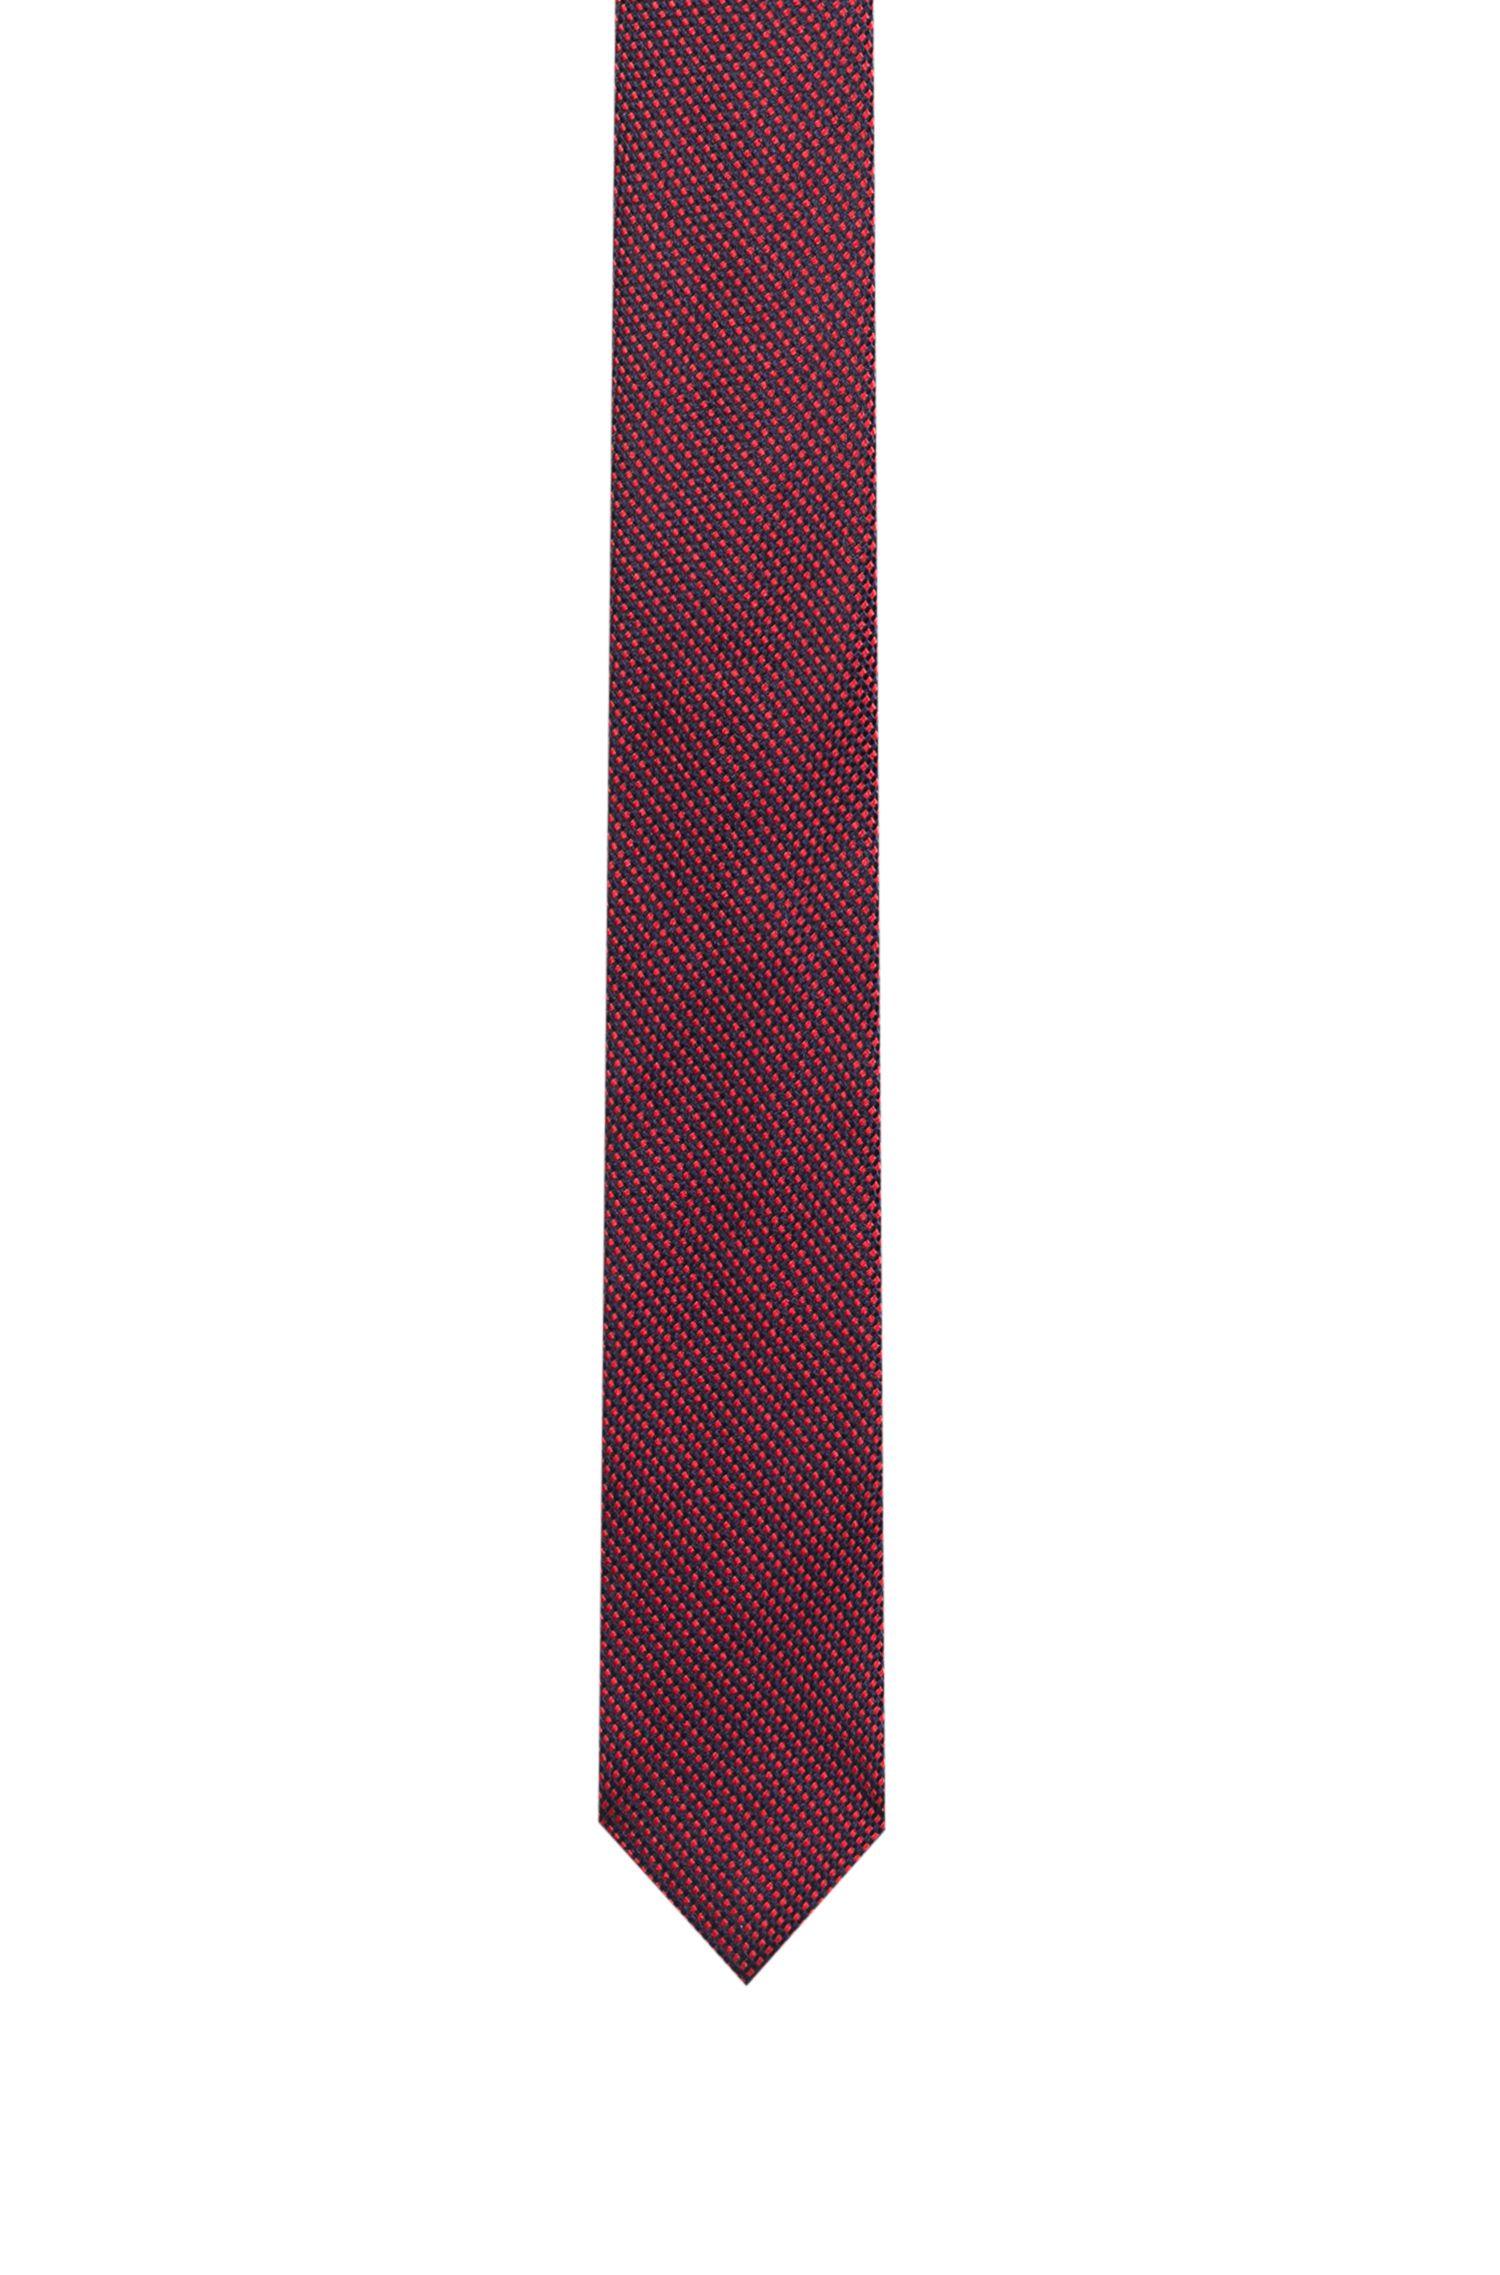 Corbata de jacquard en seda con microestampado, Fantasía